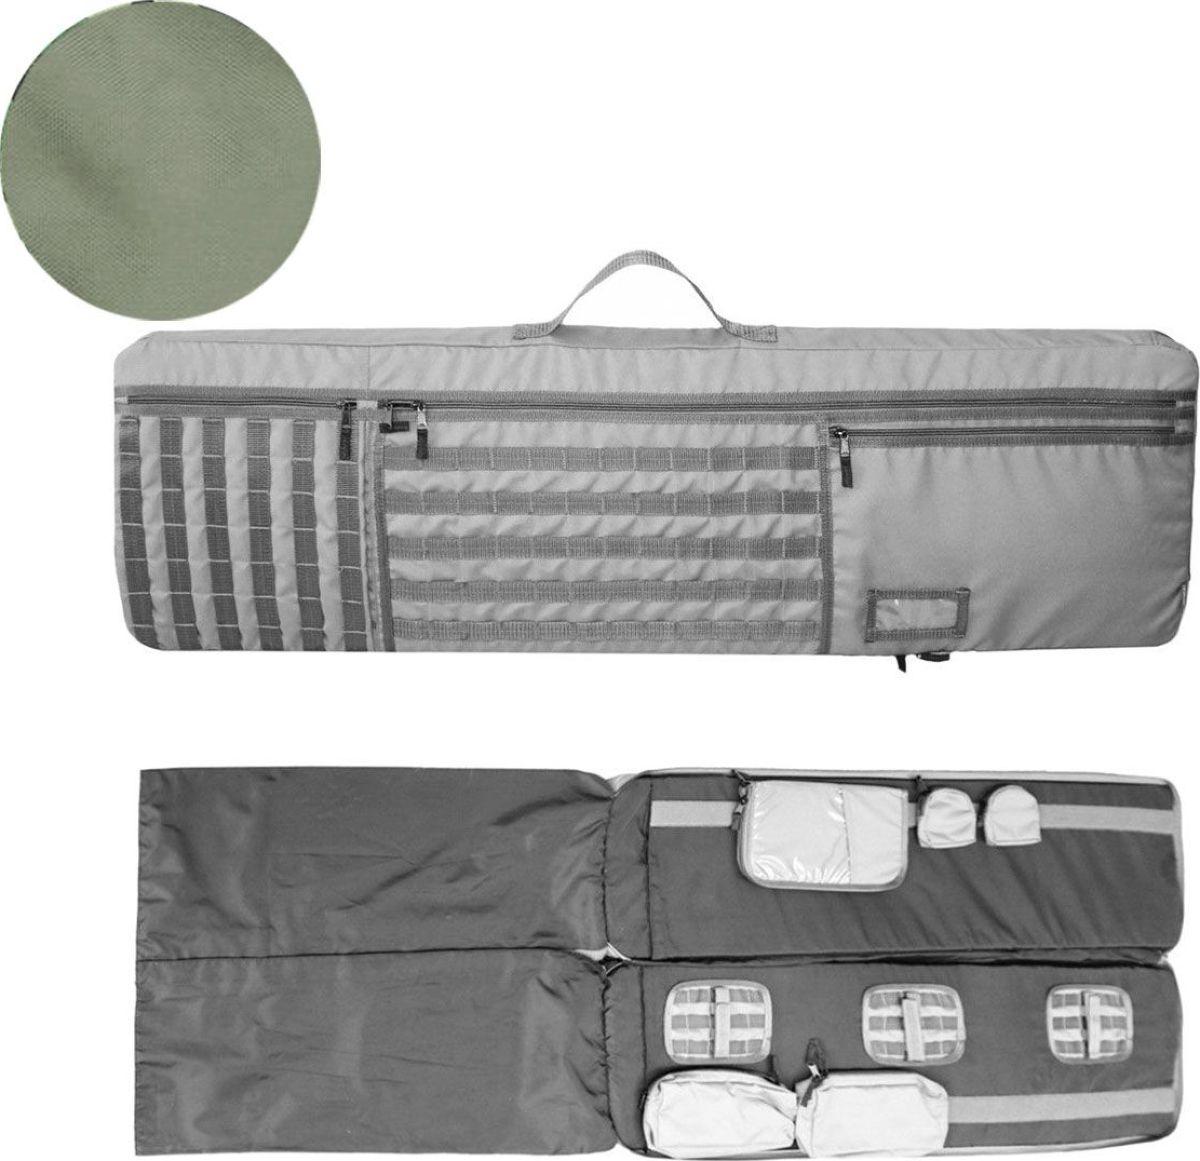 Чехол для оружия Tplus, 1200 х 350 х 50 мм, цвет: хаки